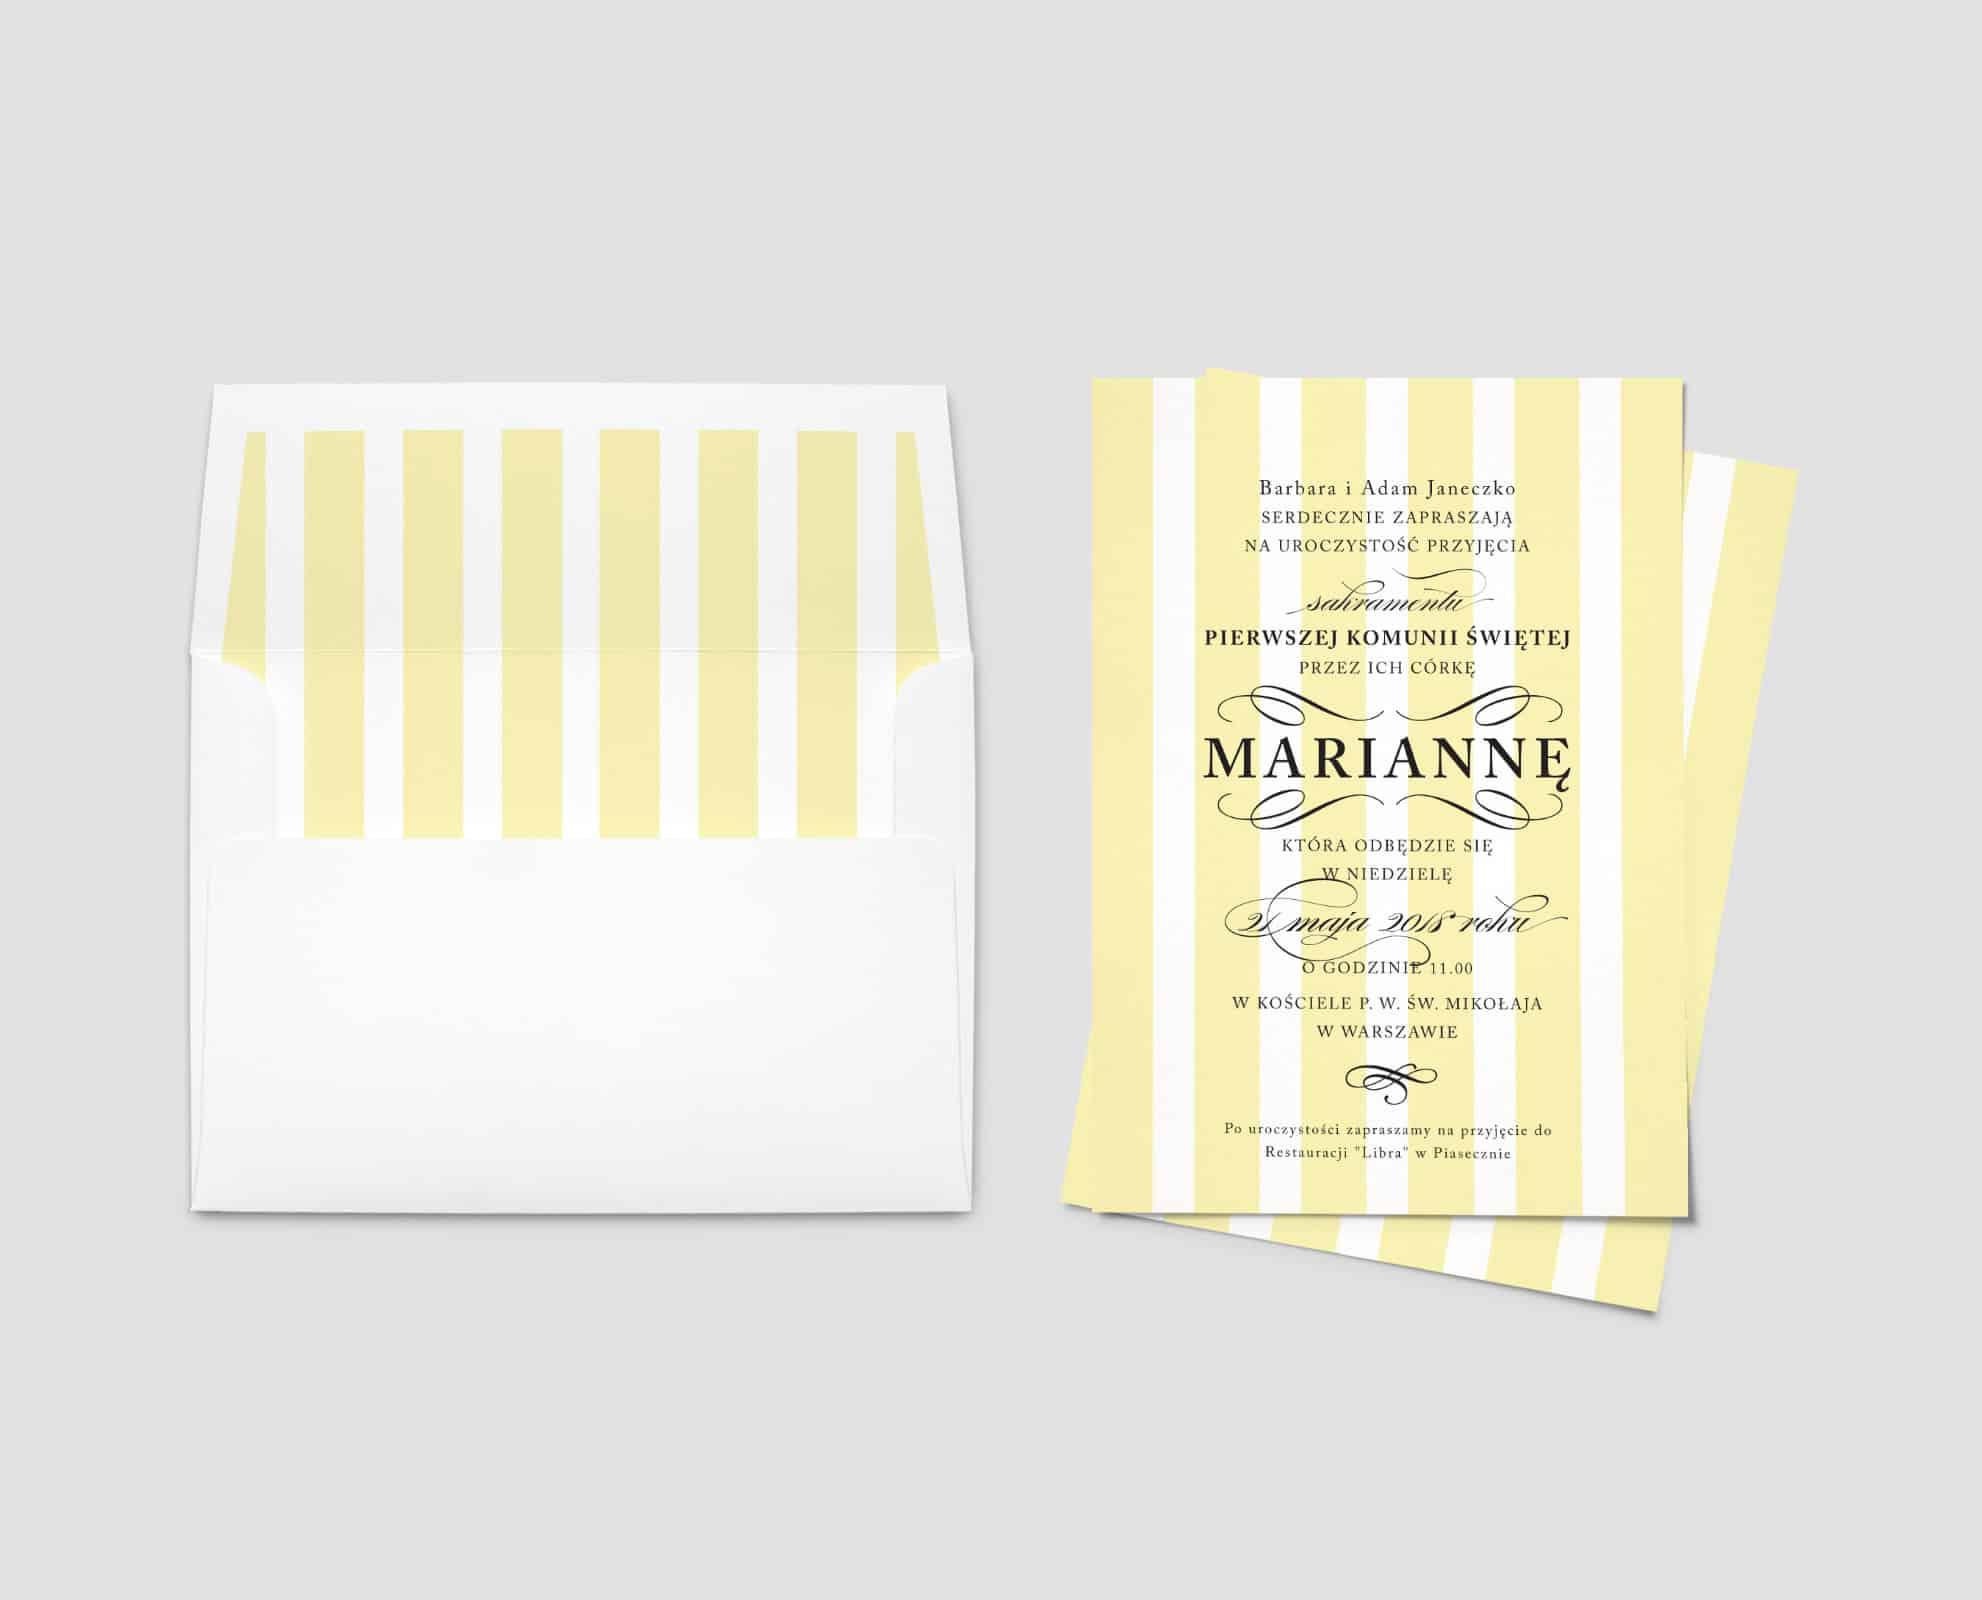 Zaproszenia na Komunię w pięknym żółtym kolorze. Grube paski i ozdobna czcionka